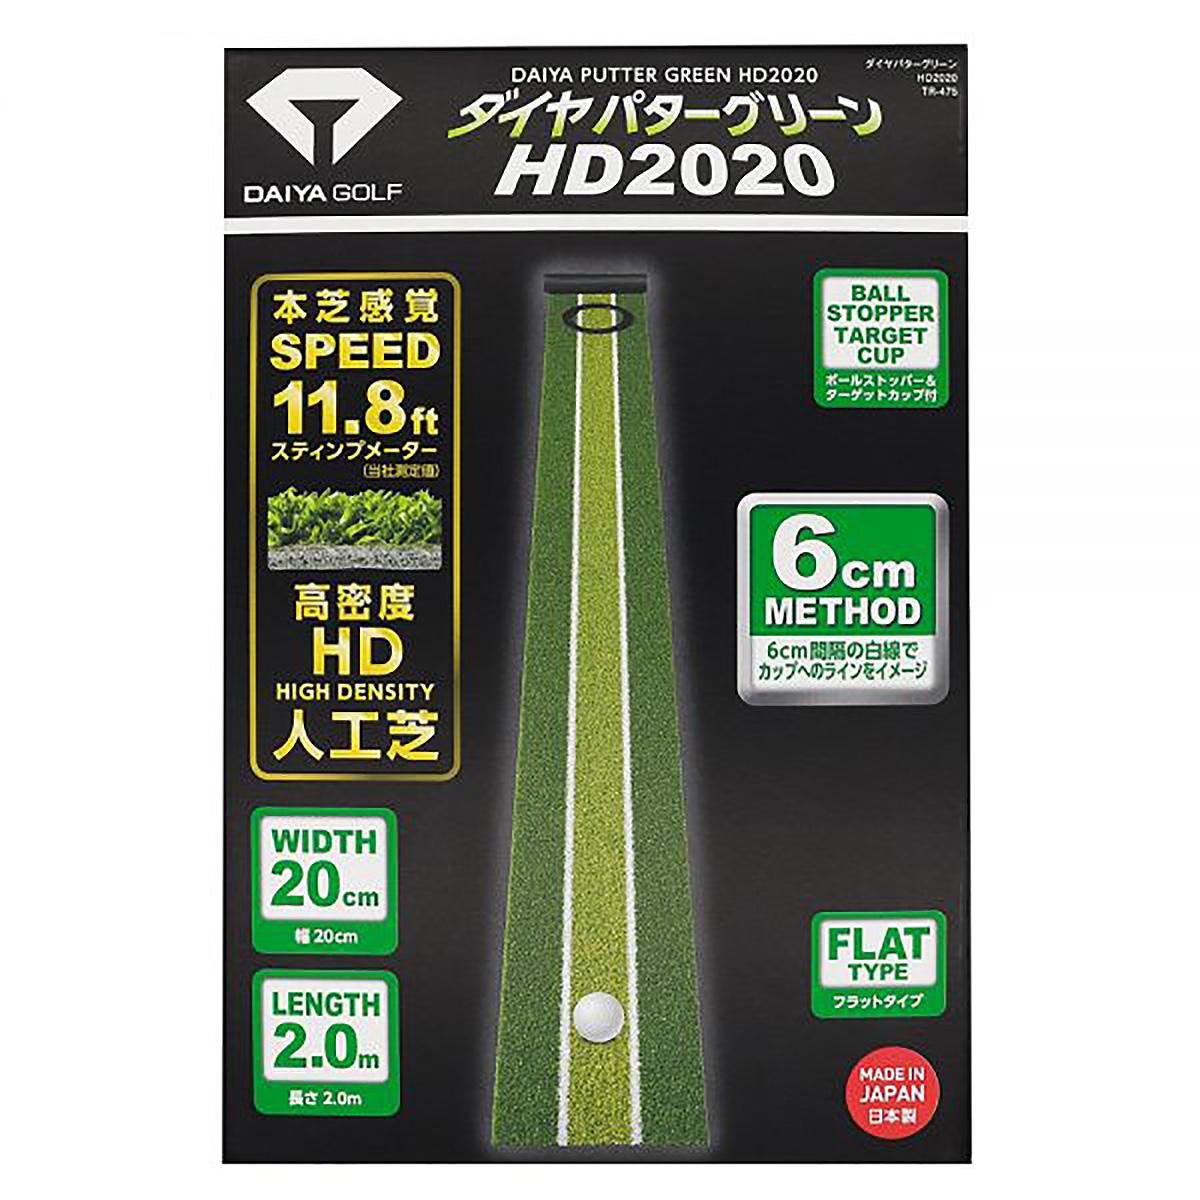 ダイヤパターグリーン HD2020